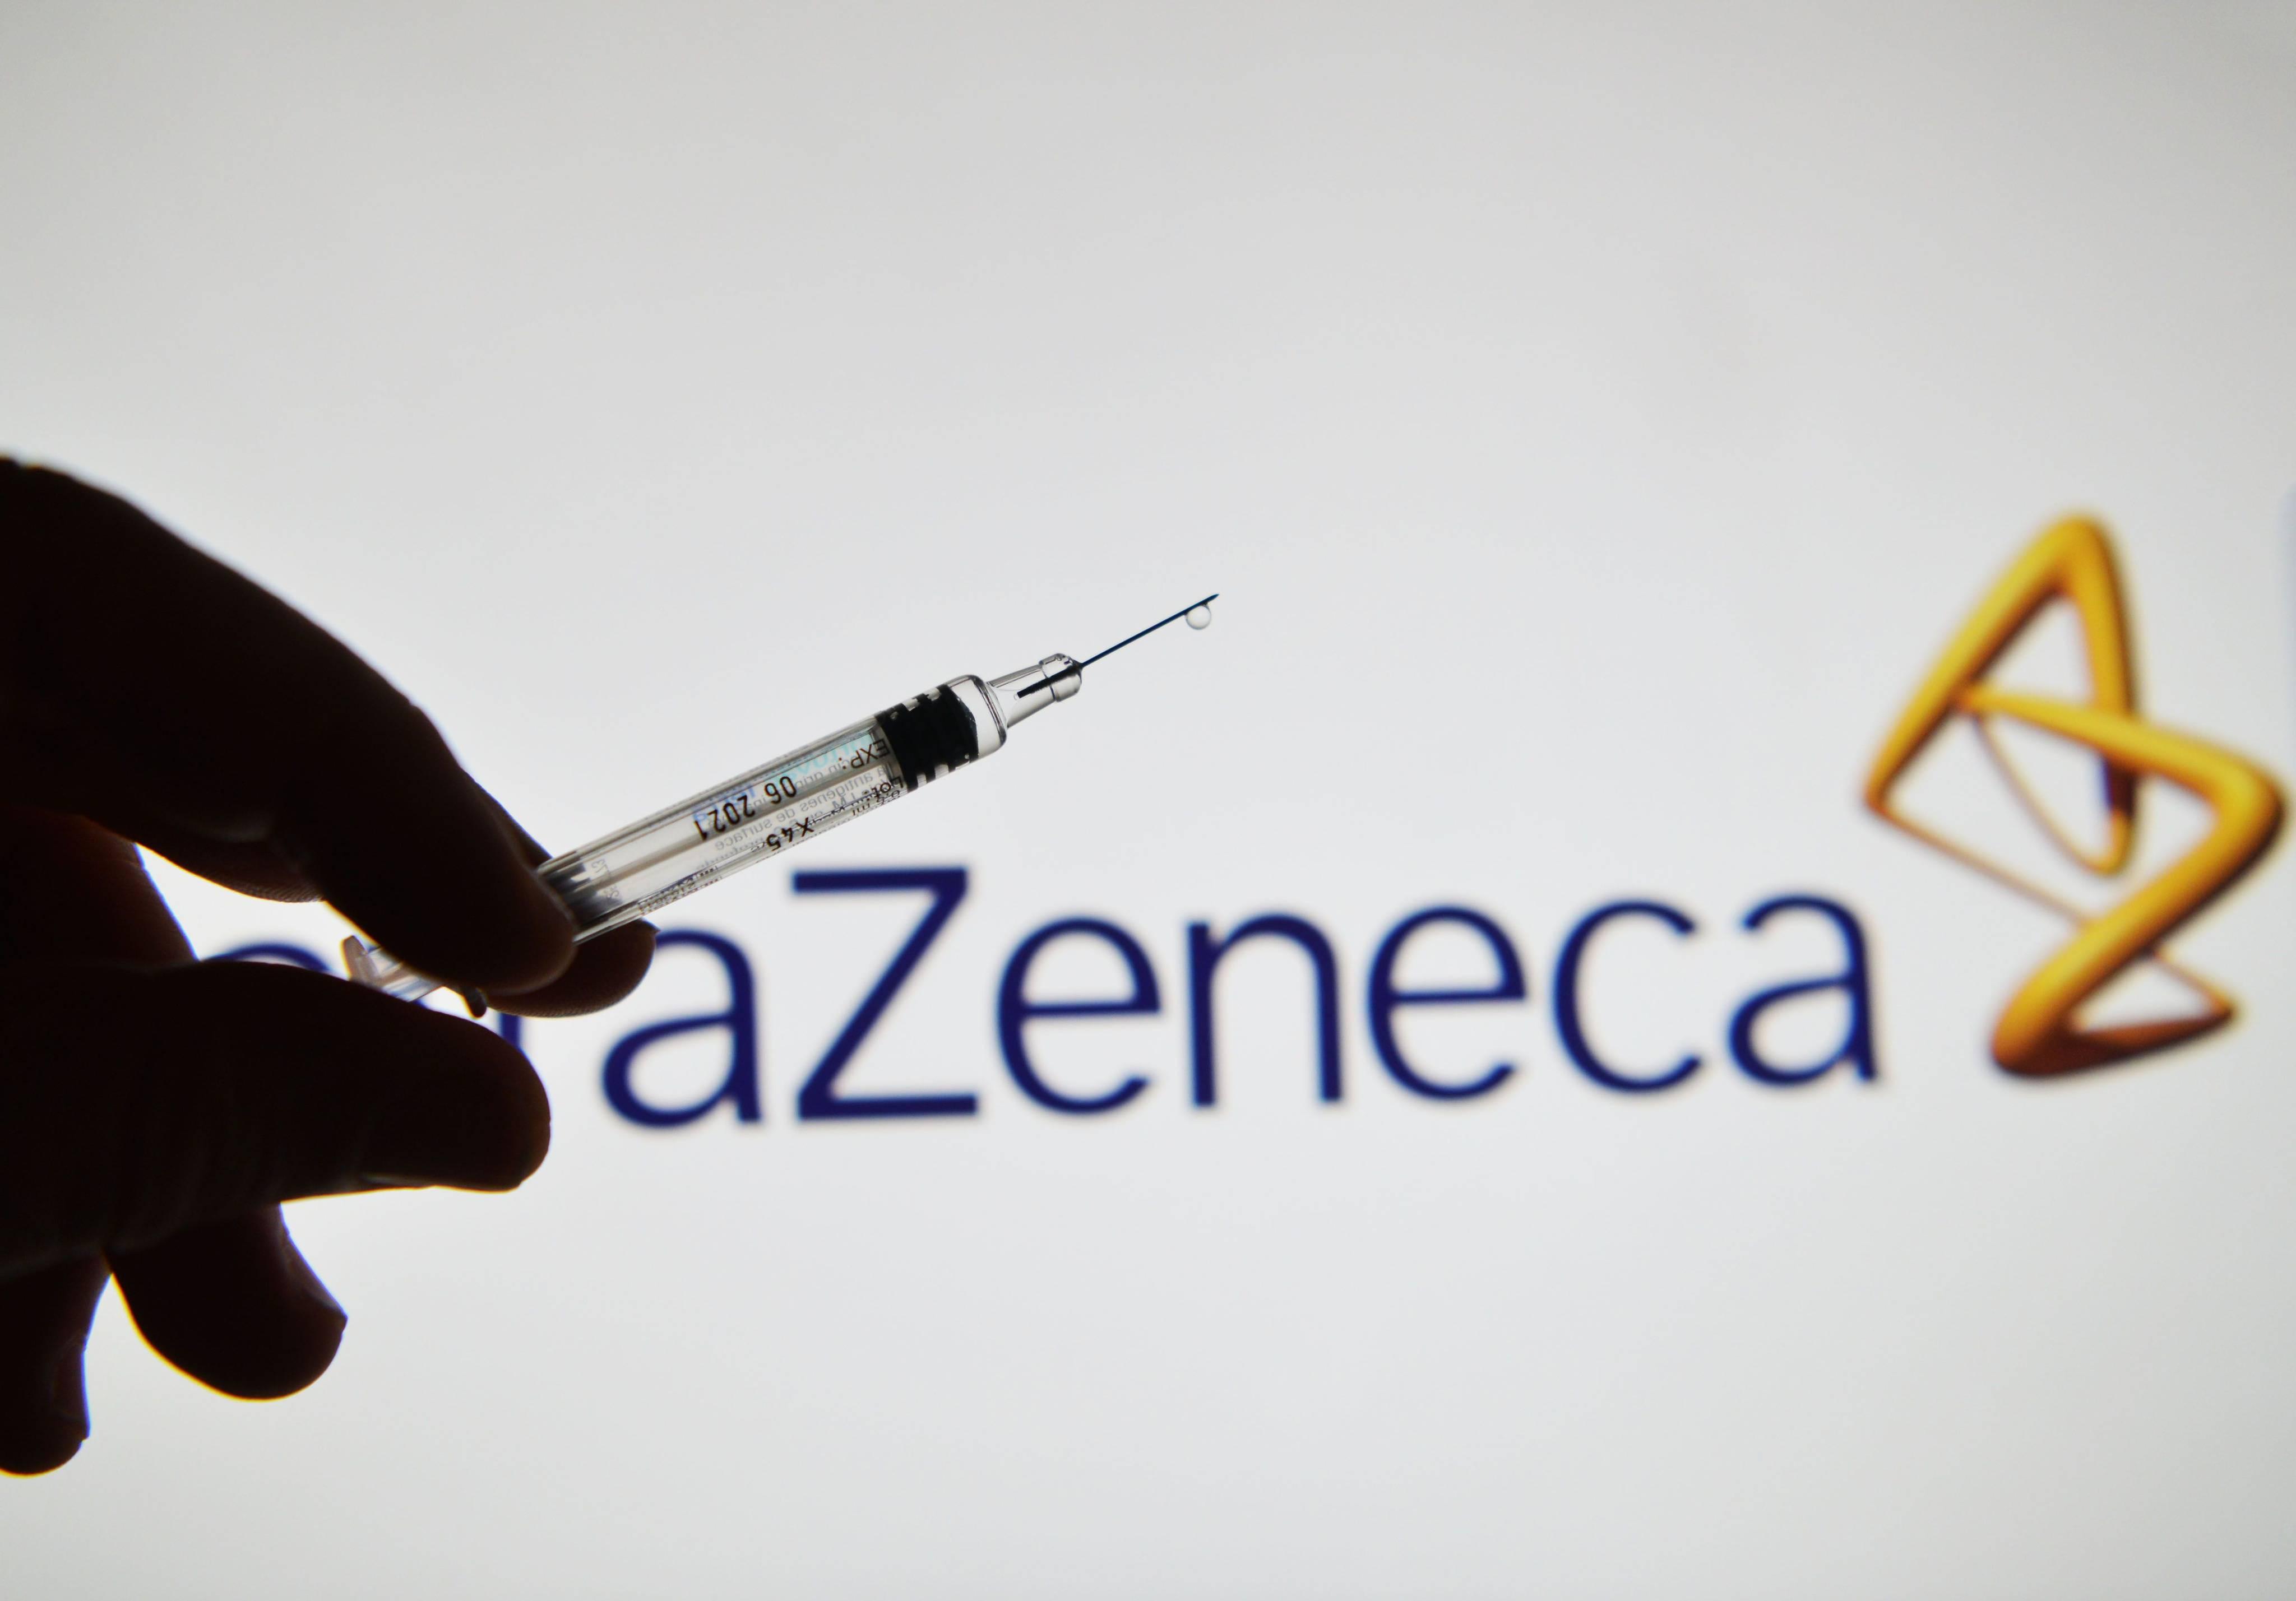 La Commission européenne envisage une action en justice contre le laboratoire suédo-britannique AstraZeneca, pour non respect des obligations du contrat signé avec l'UE.